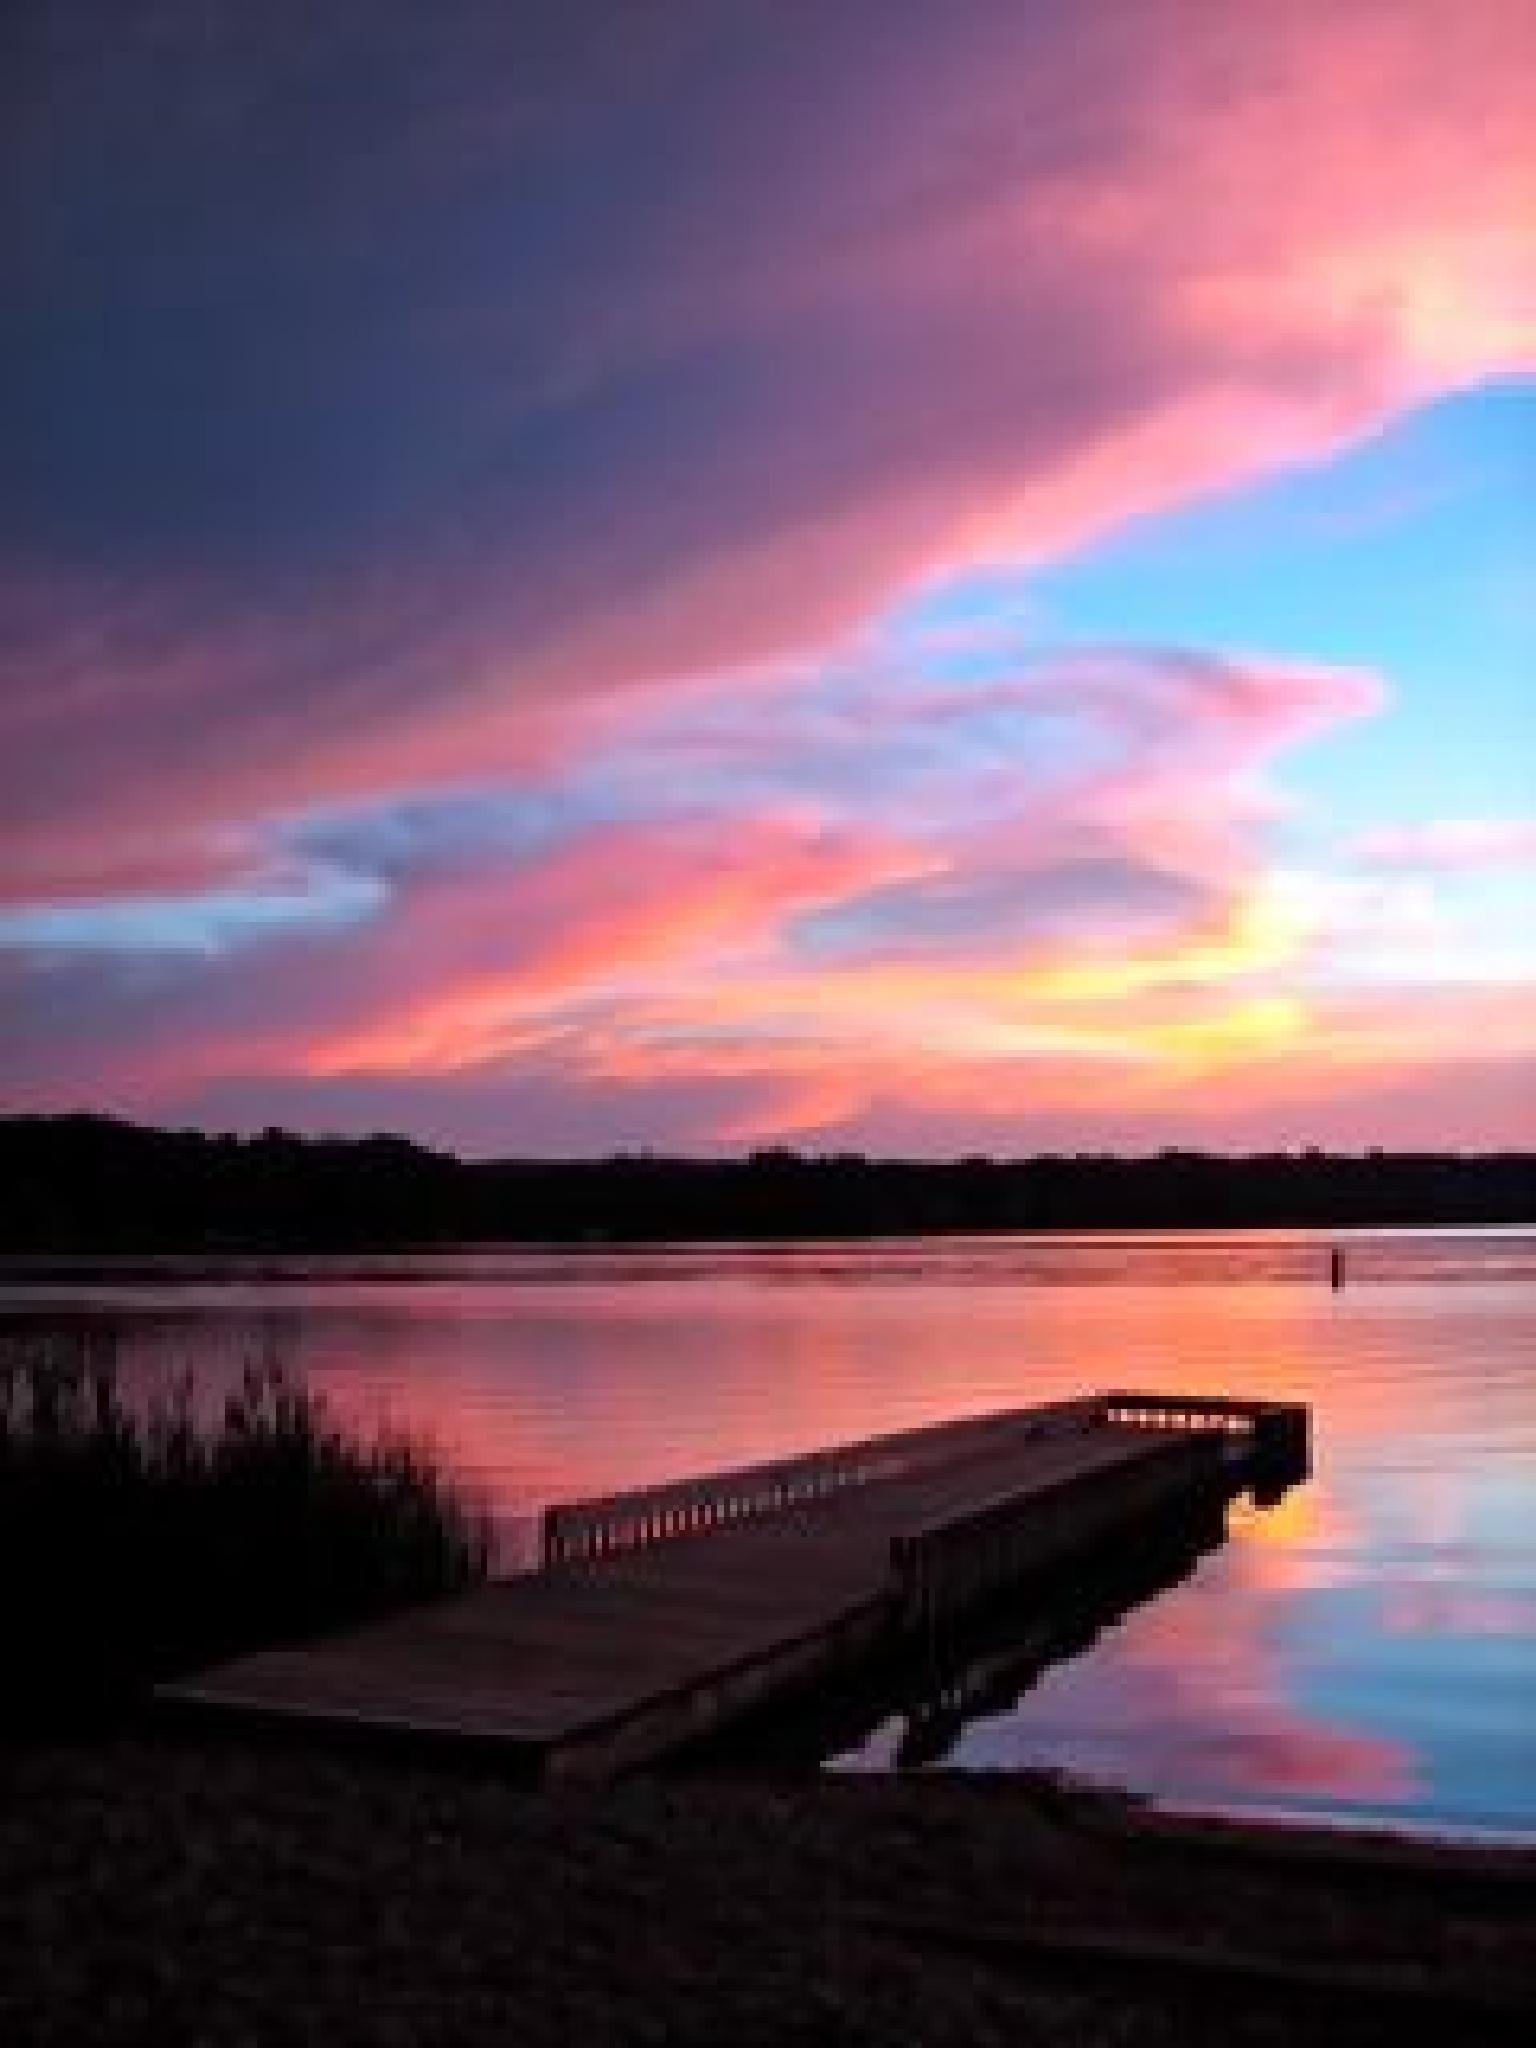 Sherbet Sunset by Linda Martin-Seng